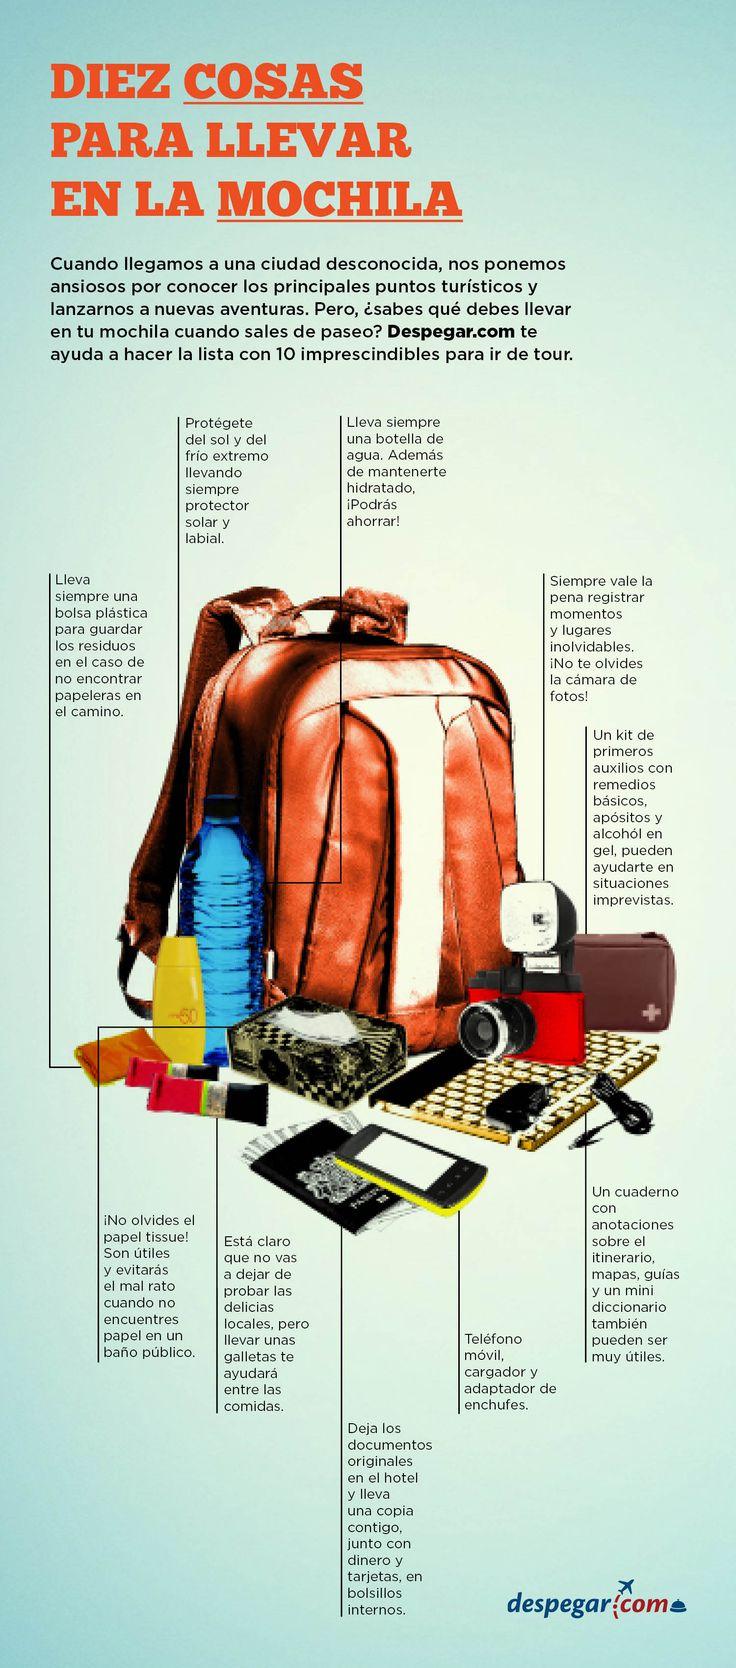 #Infografía #10 #cosas que llevar en la #mochila de #viaje. Entérate sobre lo que es necesario cargar en tu #bolso de #viaje con #Despegar. Infographic #infografiadeviaje